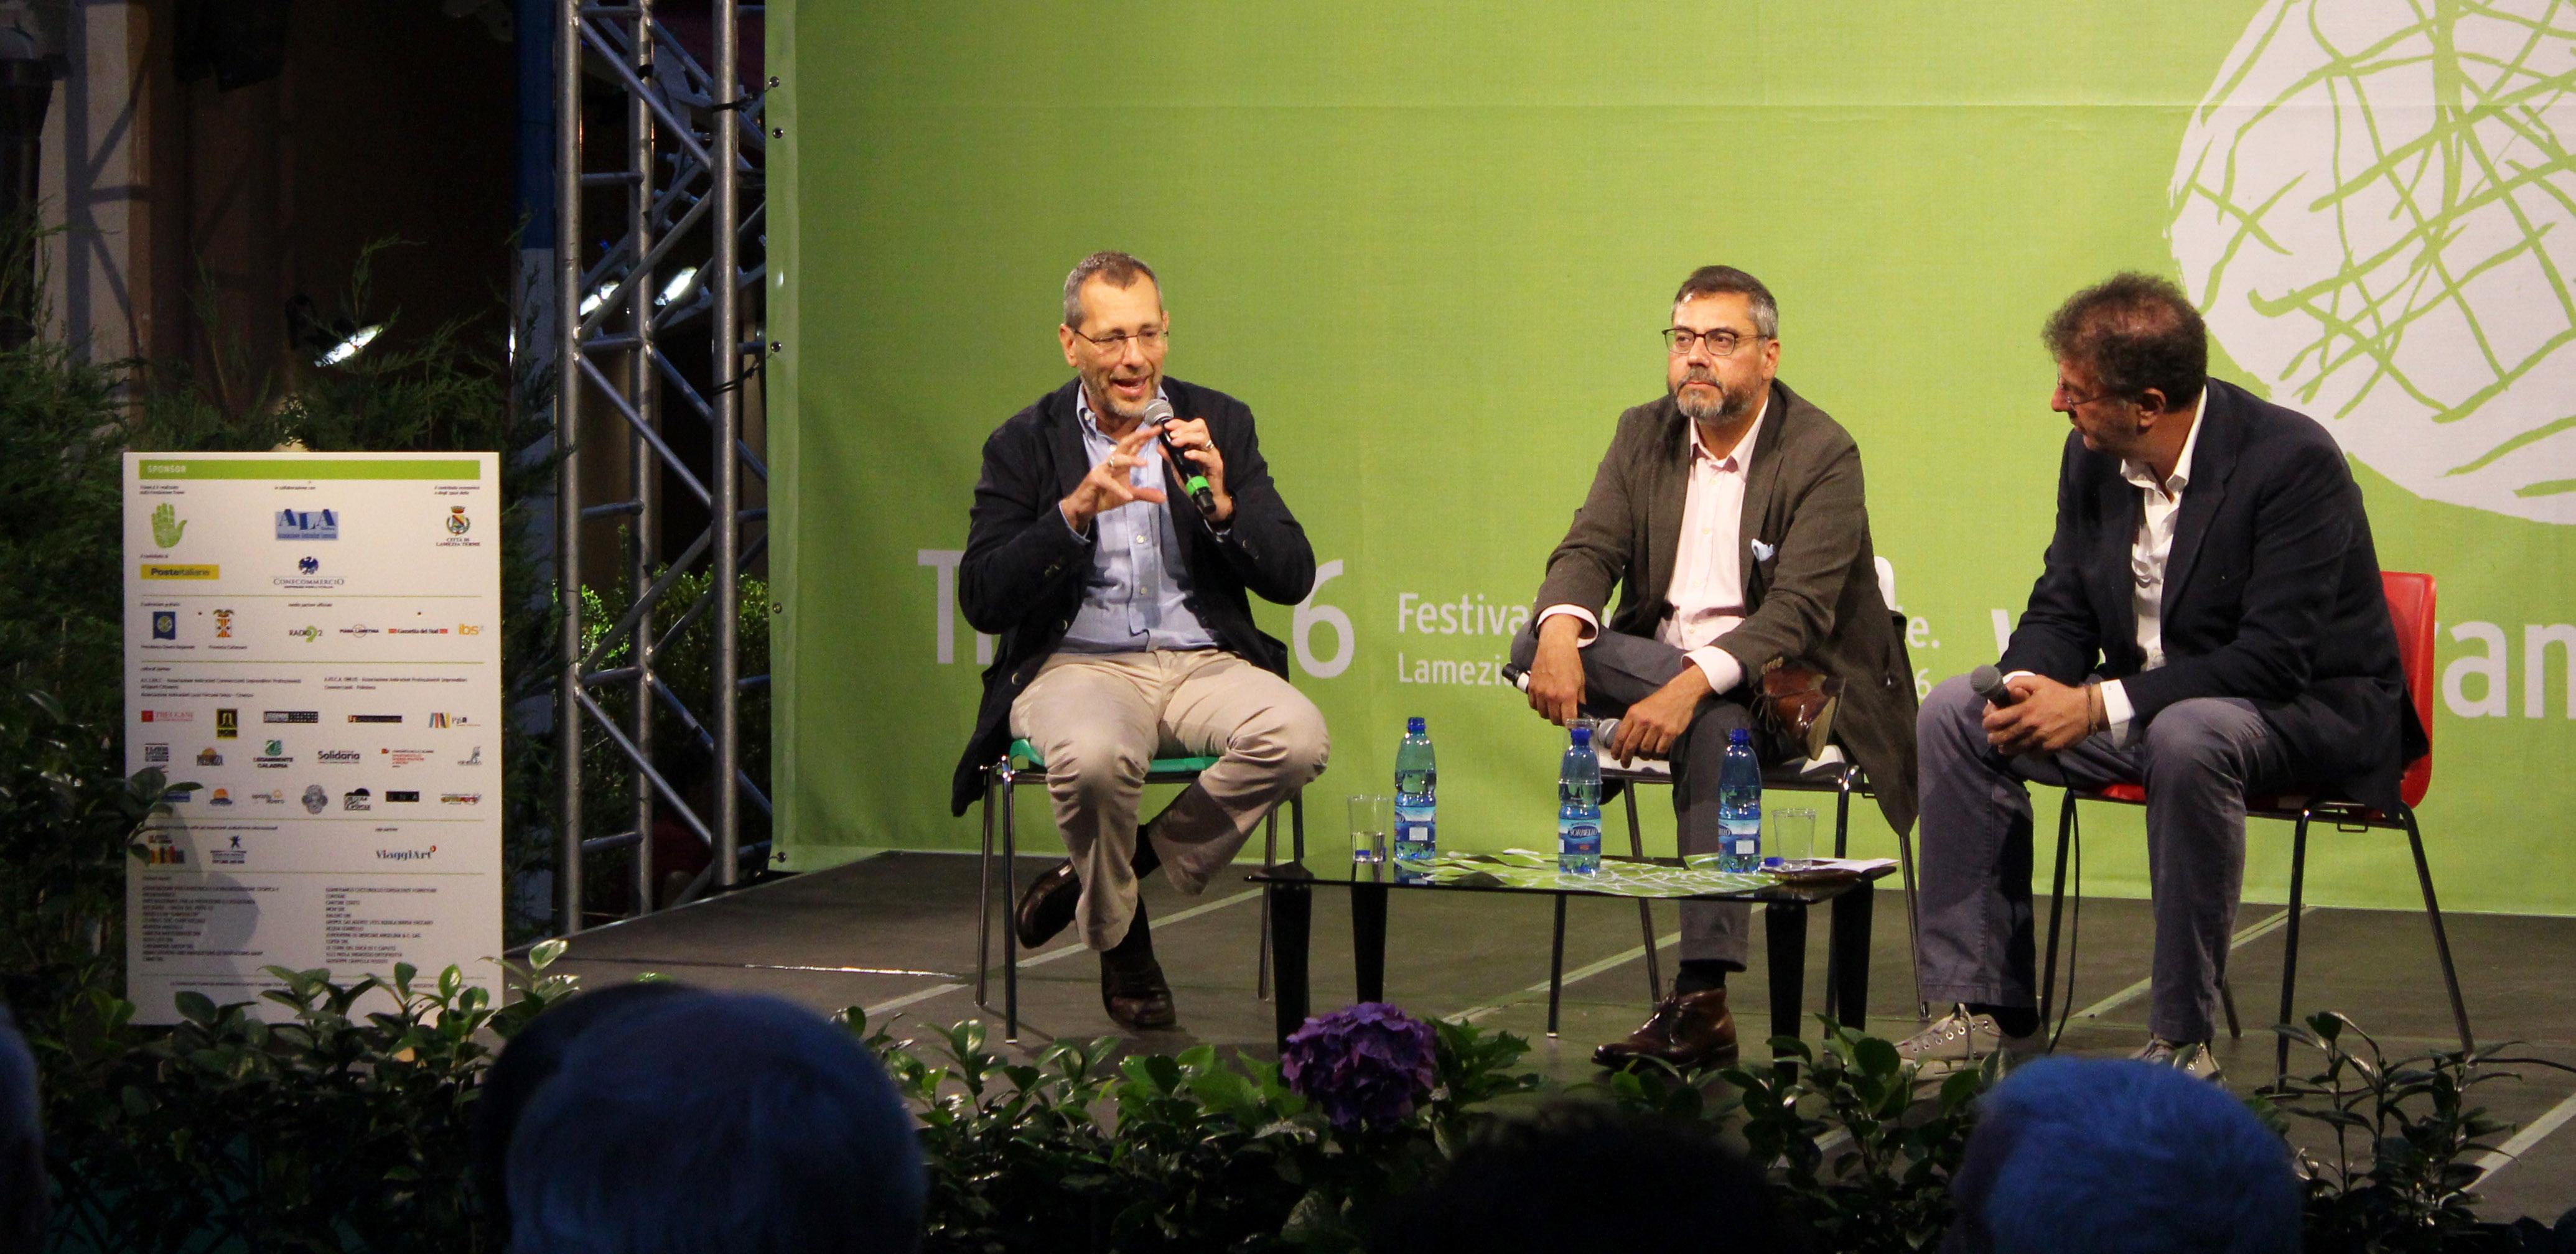 Corrado Formigli, Andrea Vianello, Gaetano Savatteri